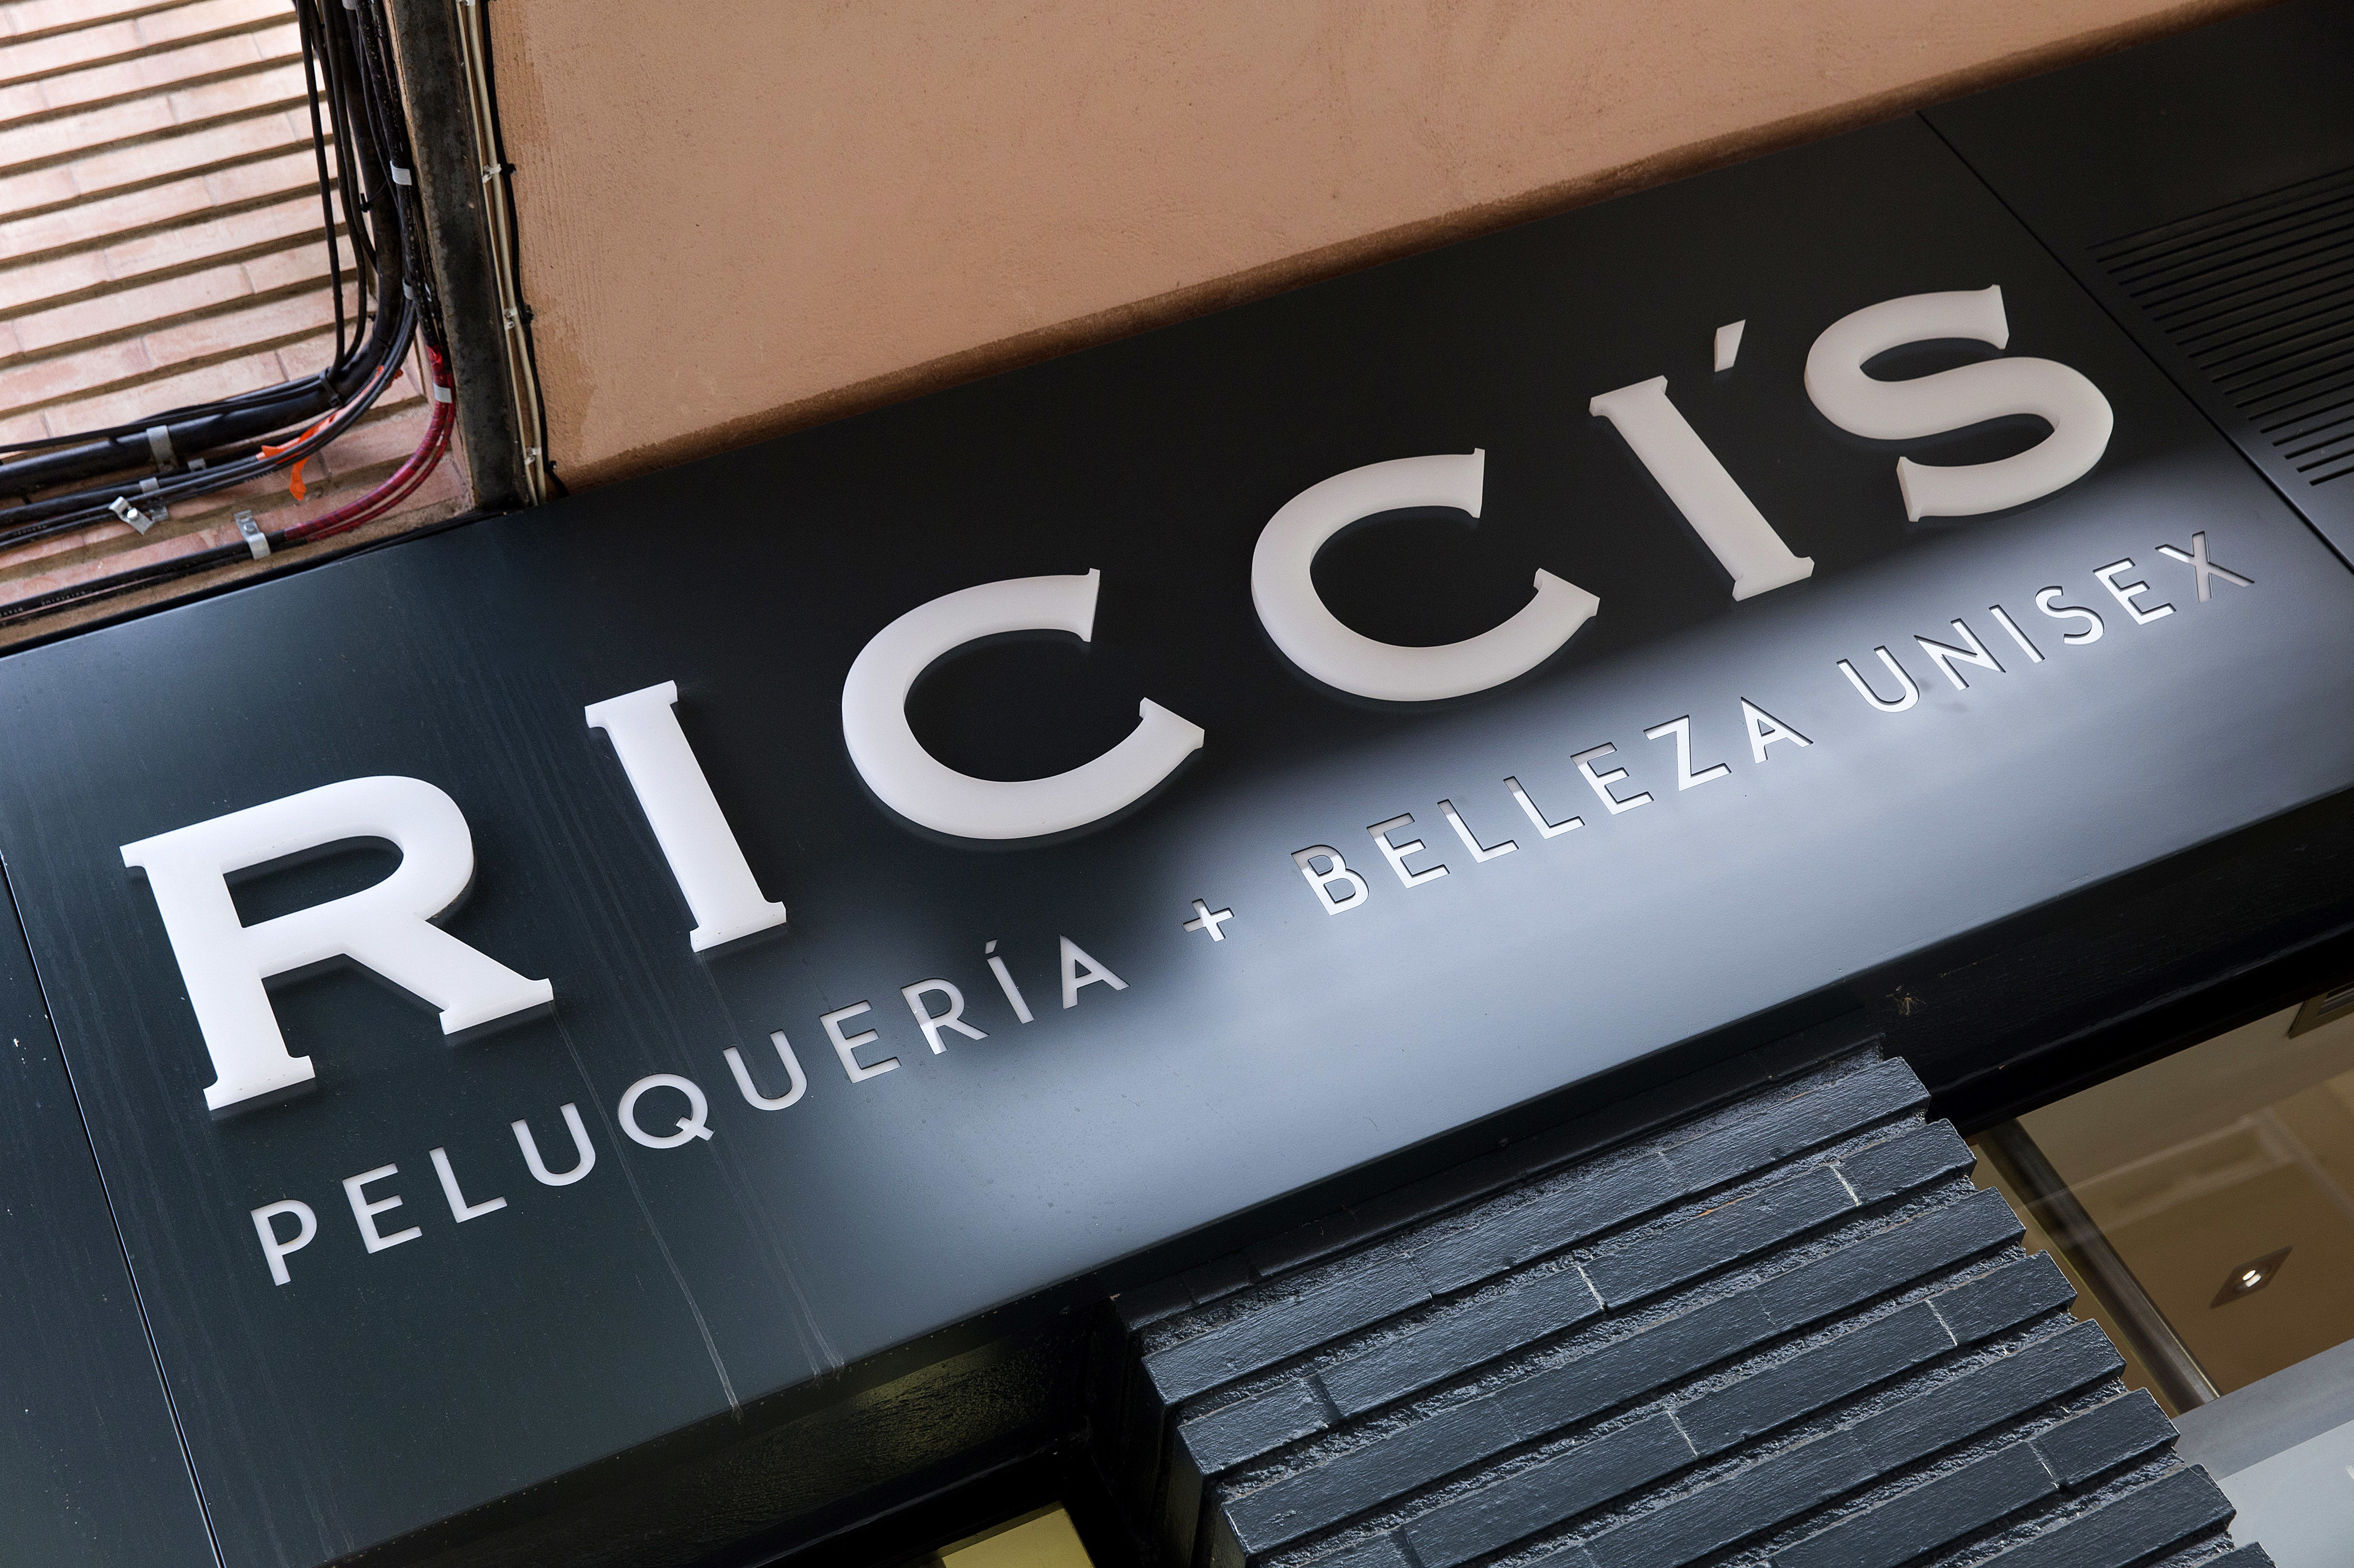 Centro de belleza en Huesca